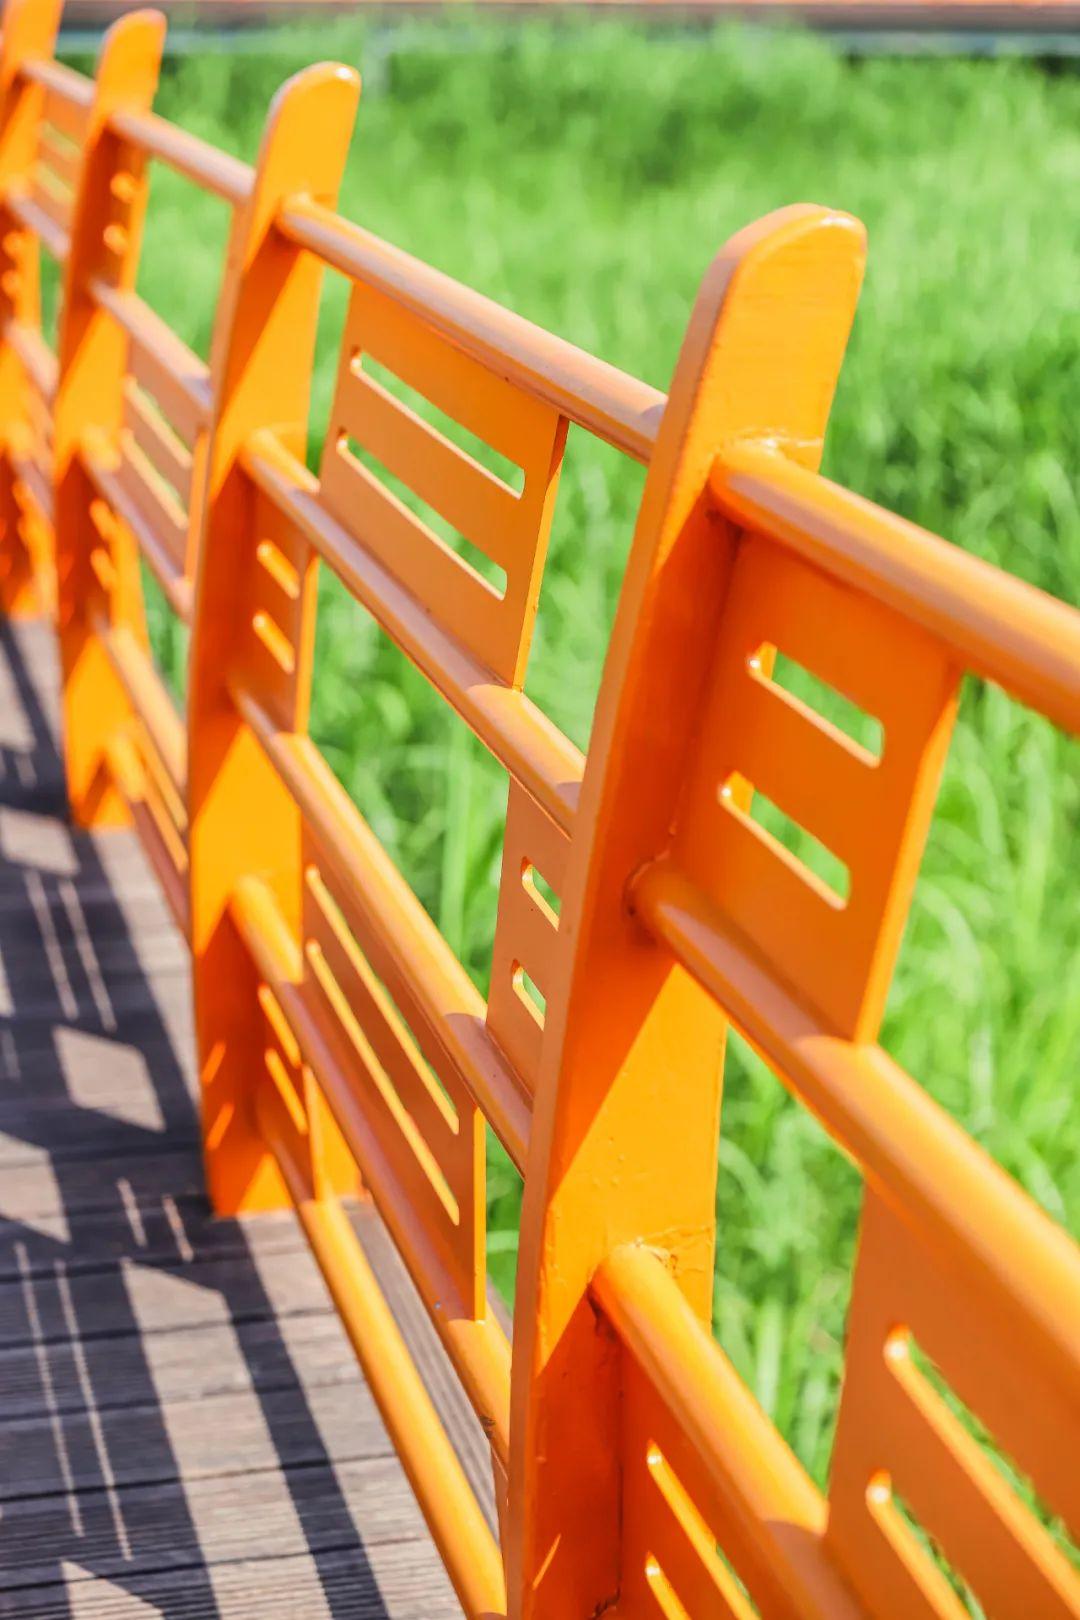 周五立秋时节,在夏日终曲里回顾夏天高温的色彩